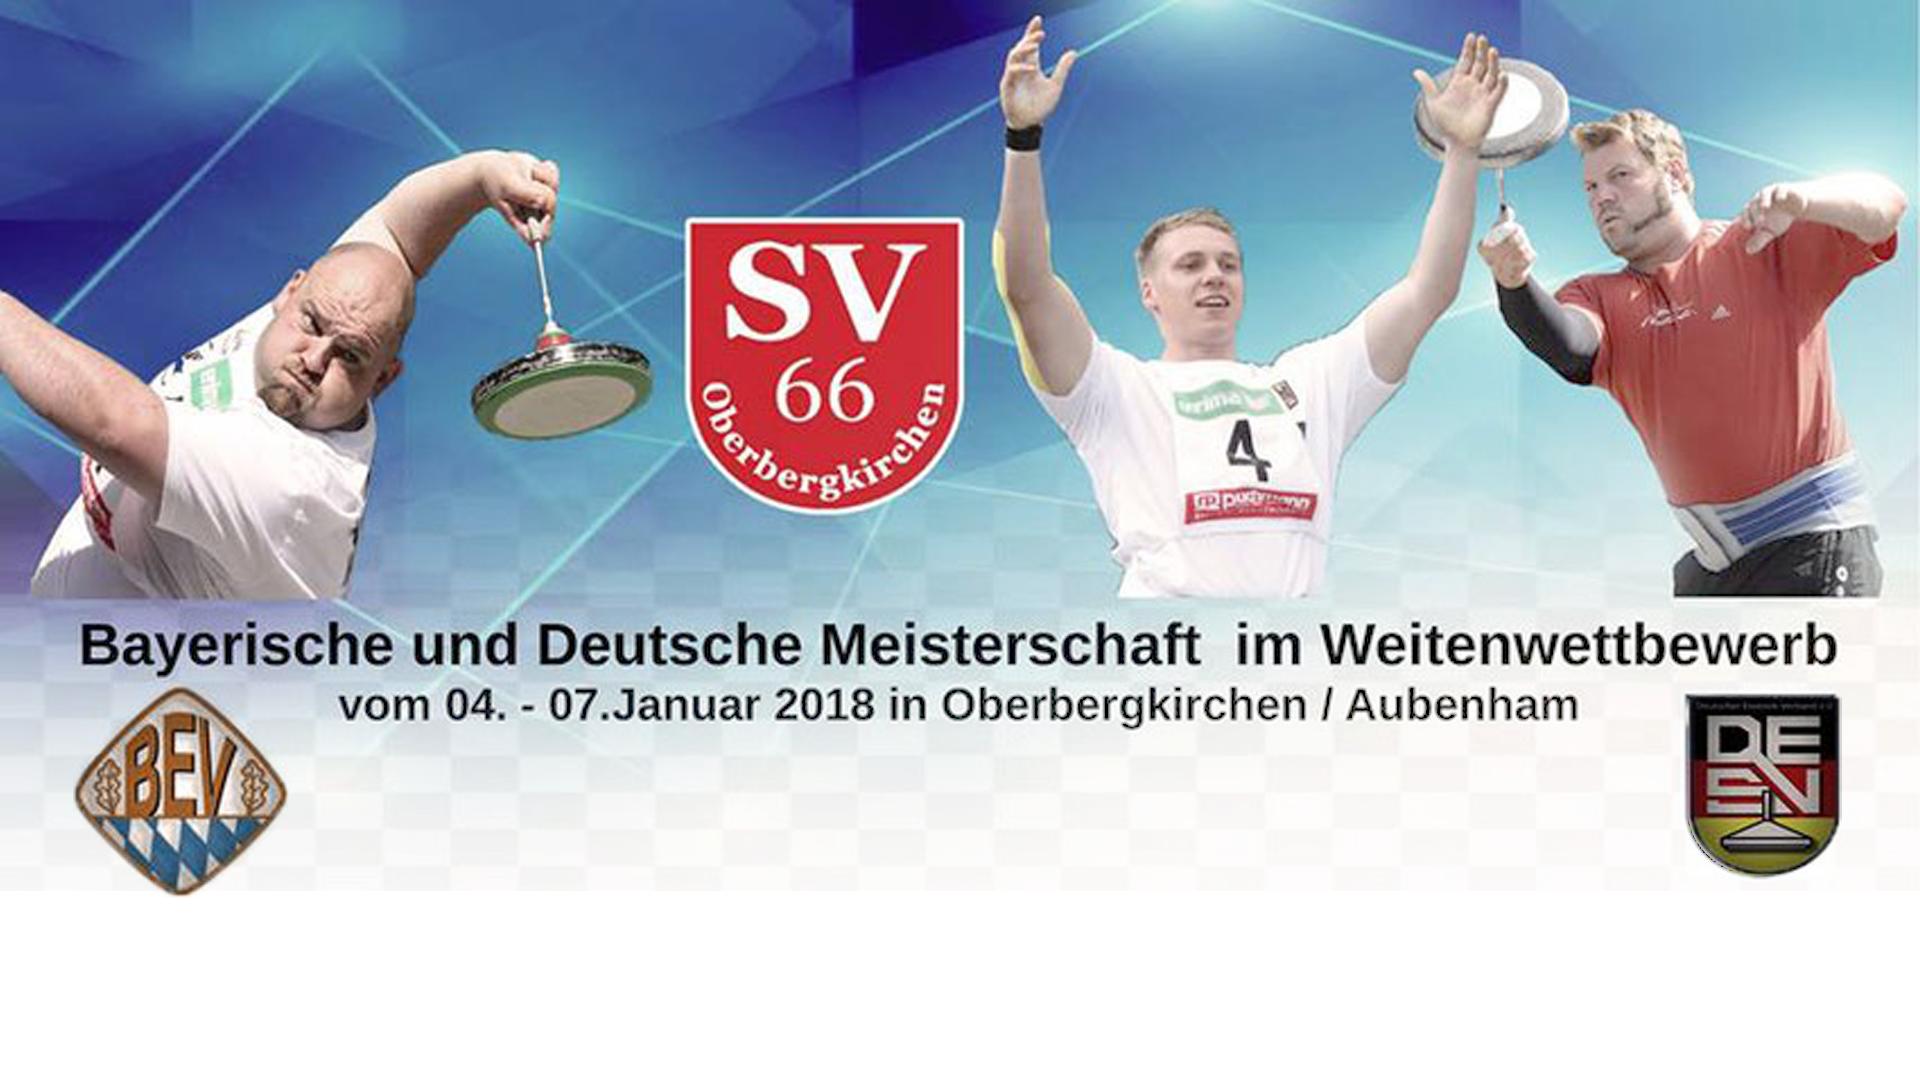 Bayerische und Deutsche Meisterschaft 2018 – SV '66 ...